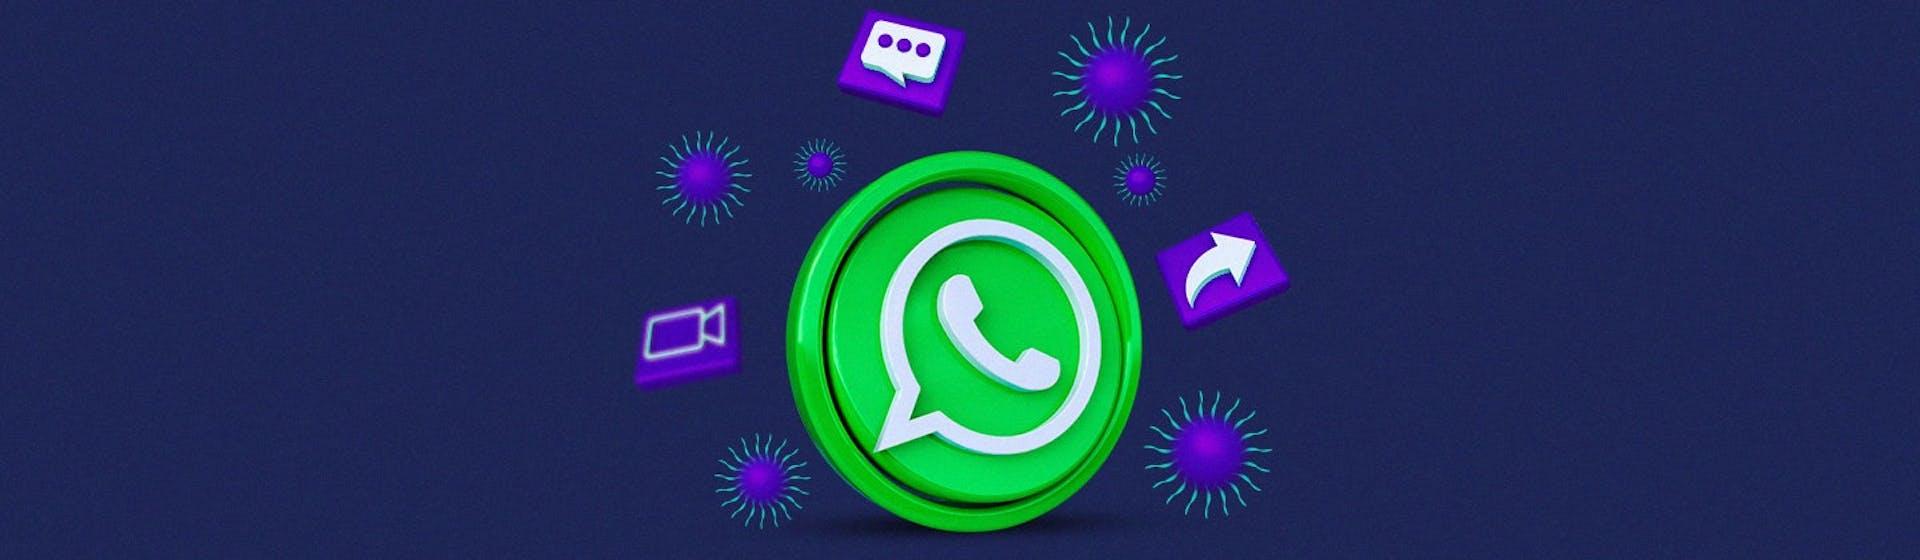 Grupos de WhatsApp para unirse: 7 grupos de negocios que debes conocer ¡ya!